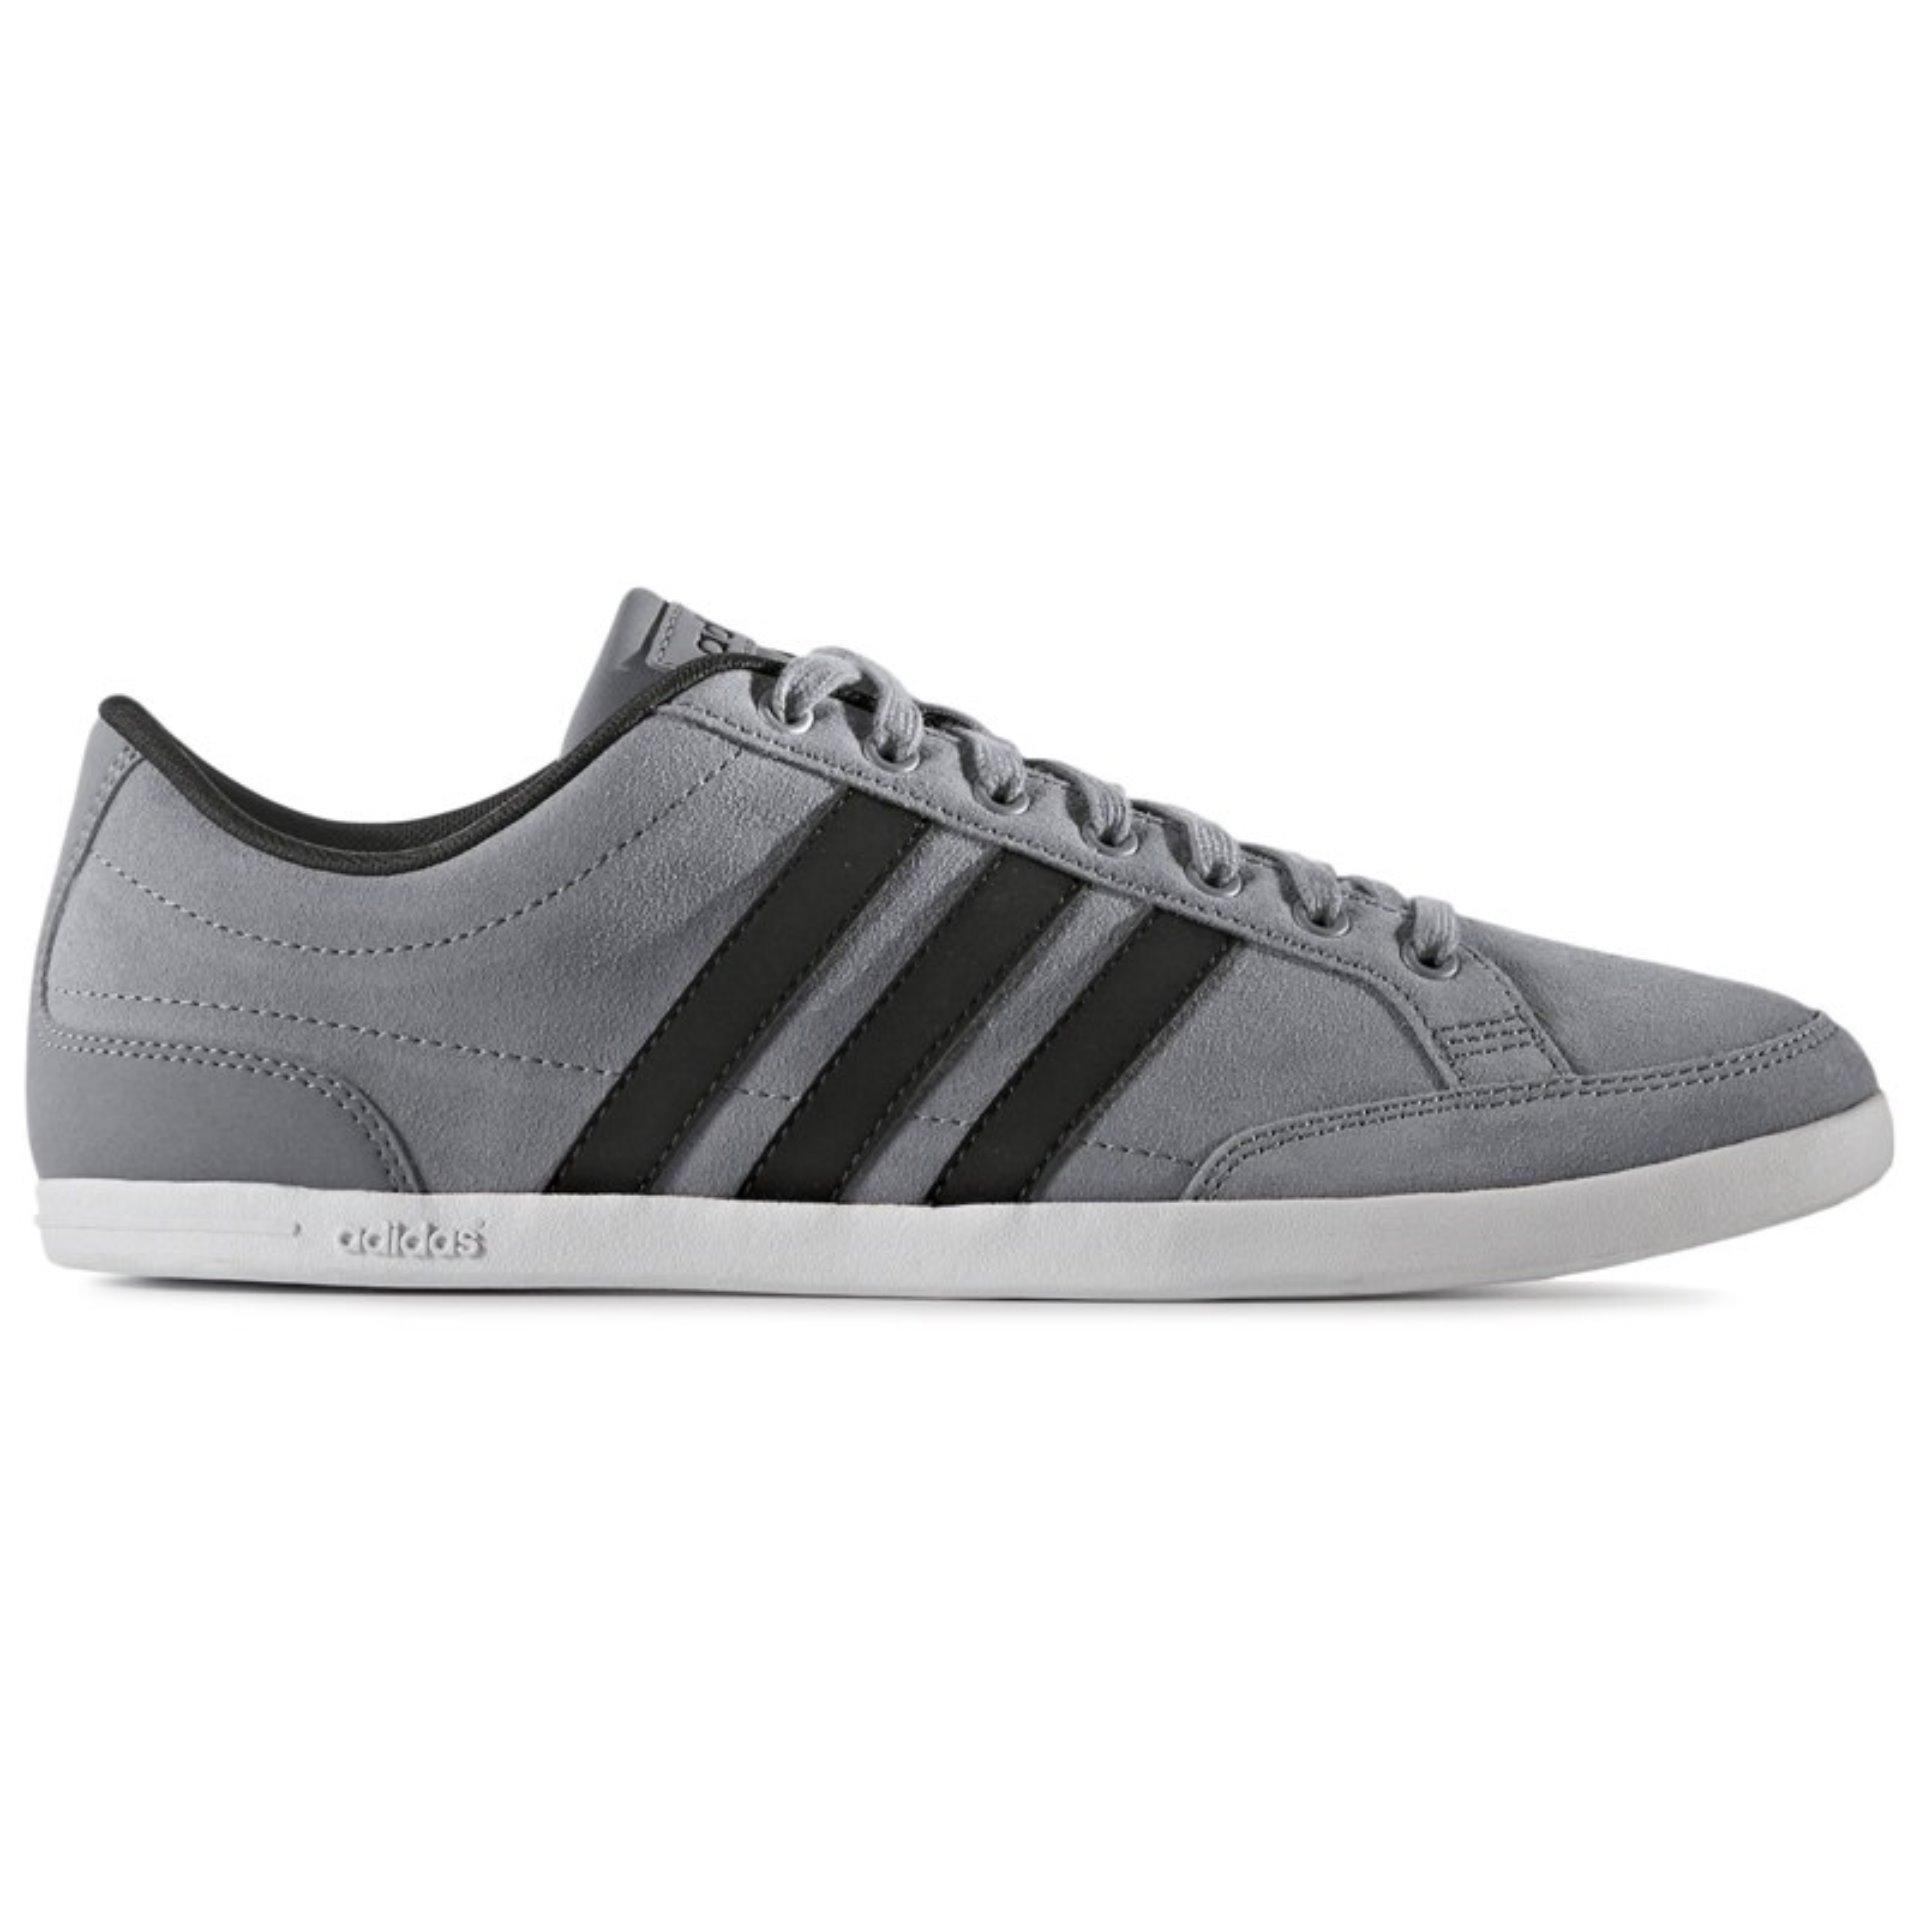 Harga Adidas Sepatu Sneaker Adineo Caflaire B74611 Abu Yang Bagus